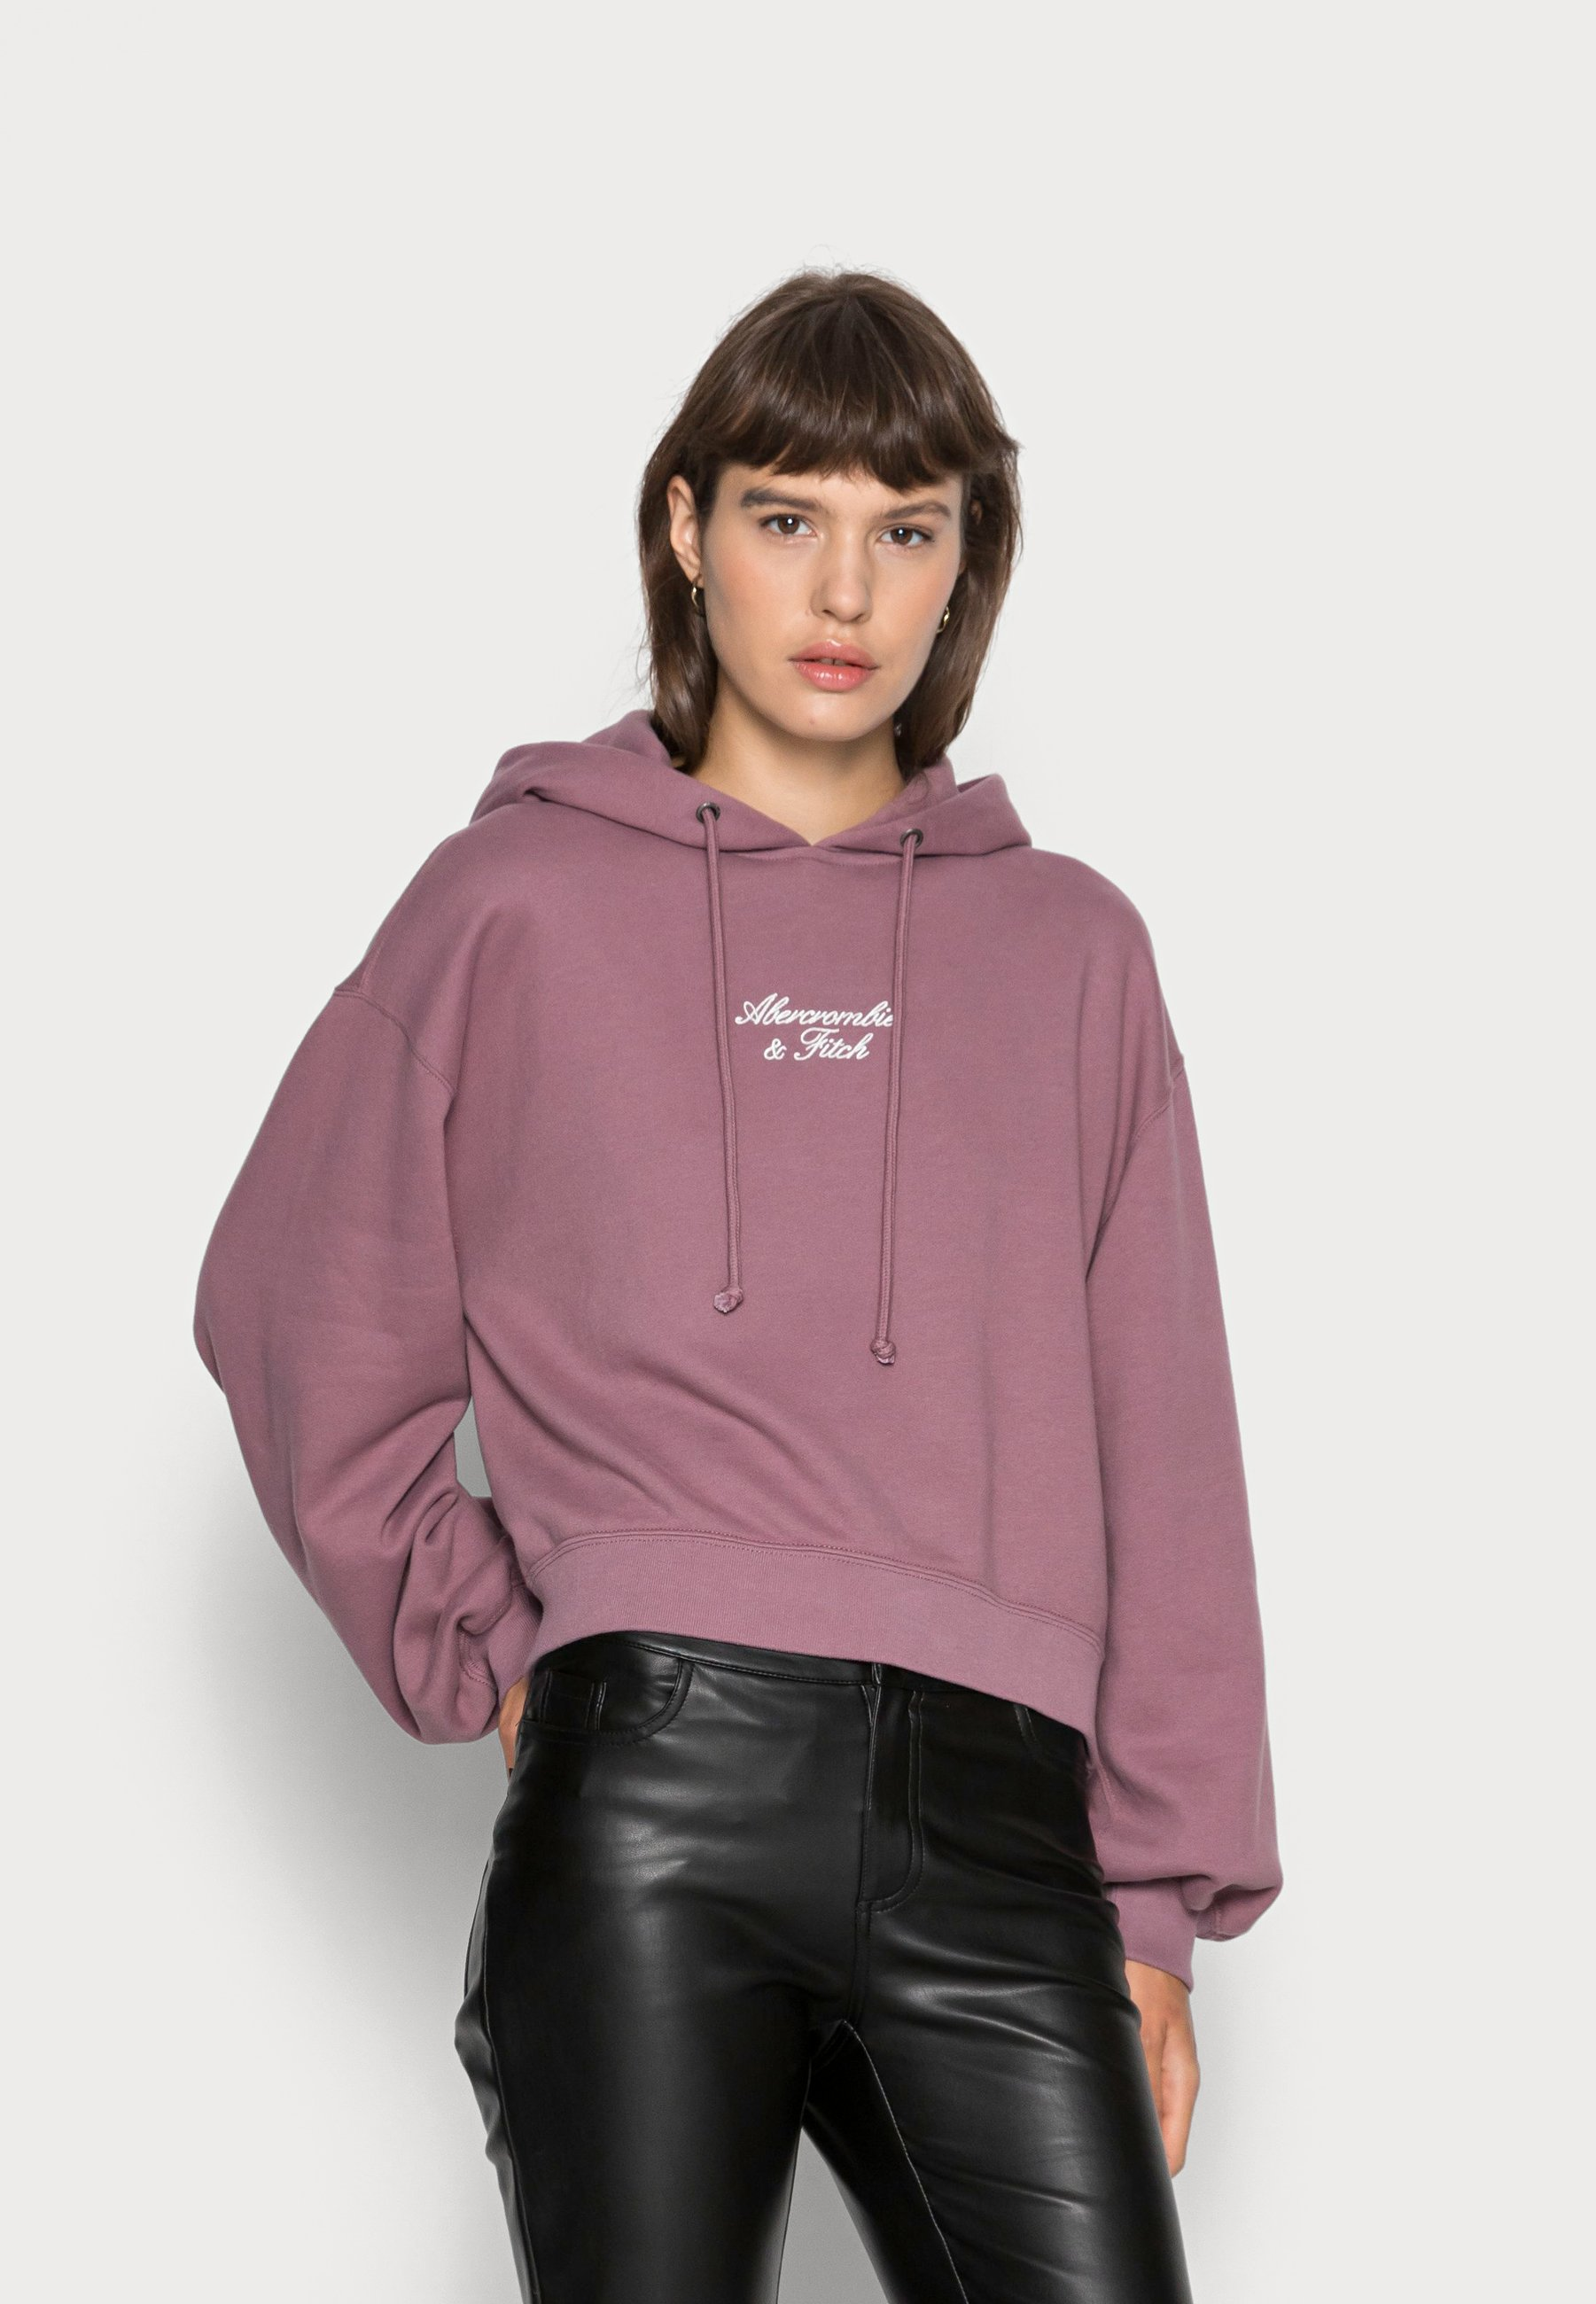 Femme UPPER TIER LOGO POPOVER  - Sweatshirt